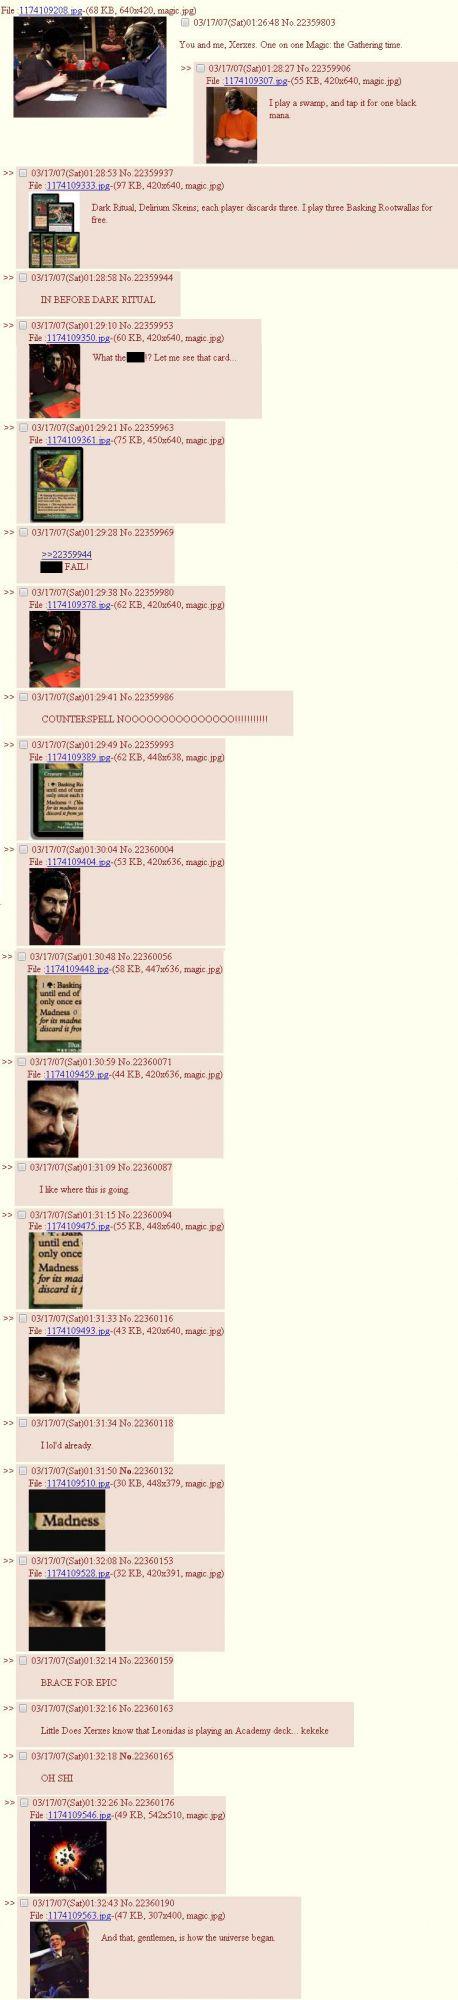 3chan